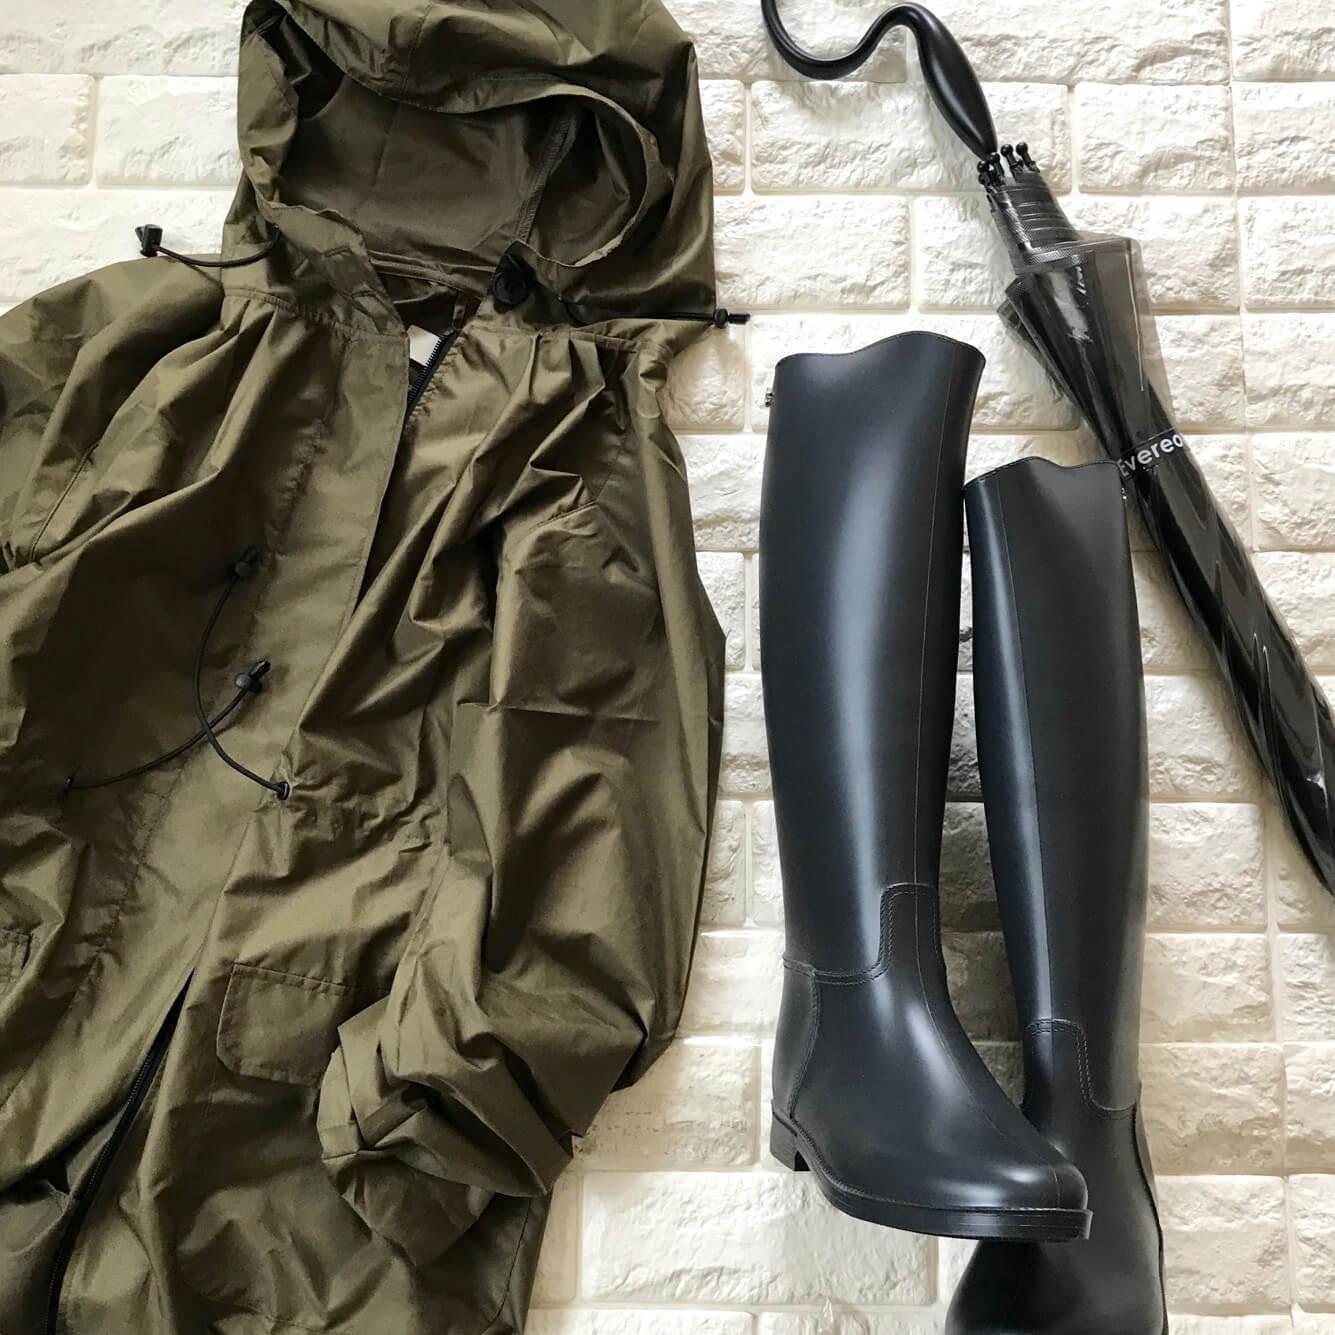 レインコート、レインブーツ、傘